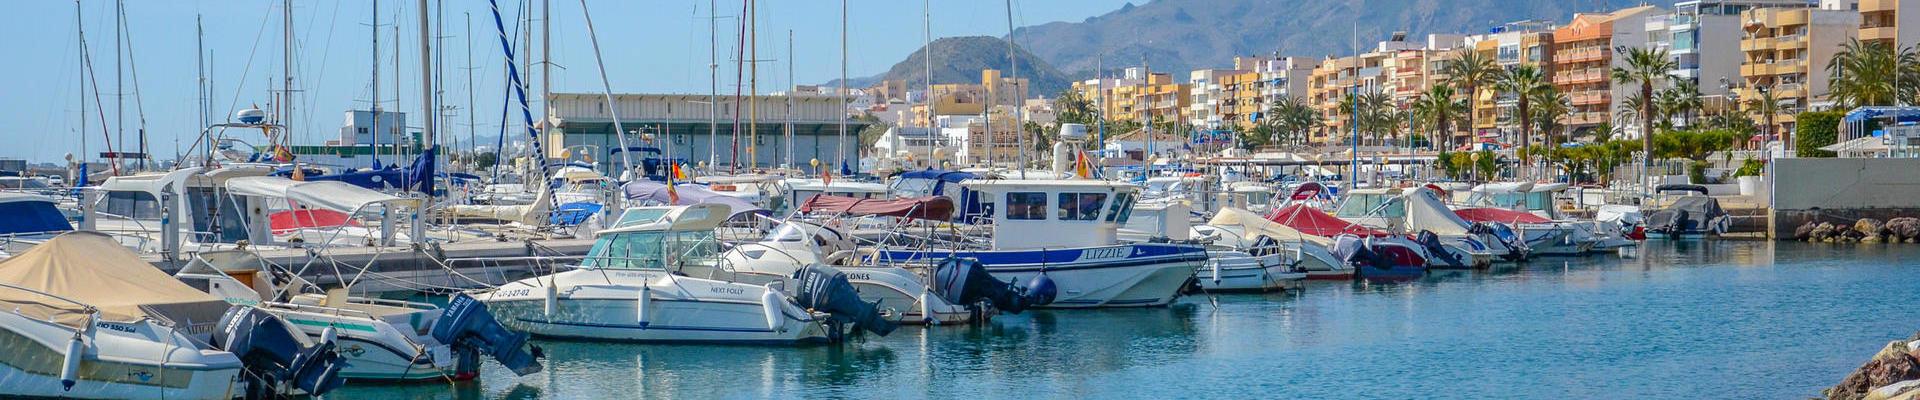 Garrucha Marina